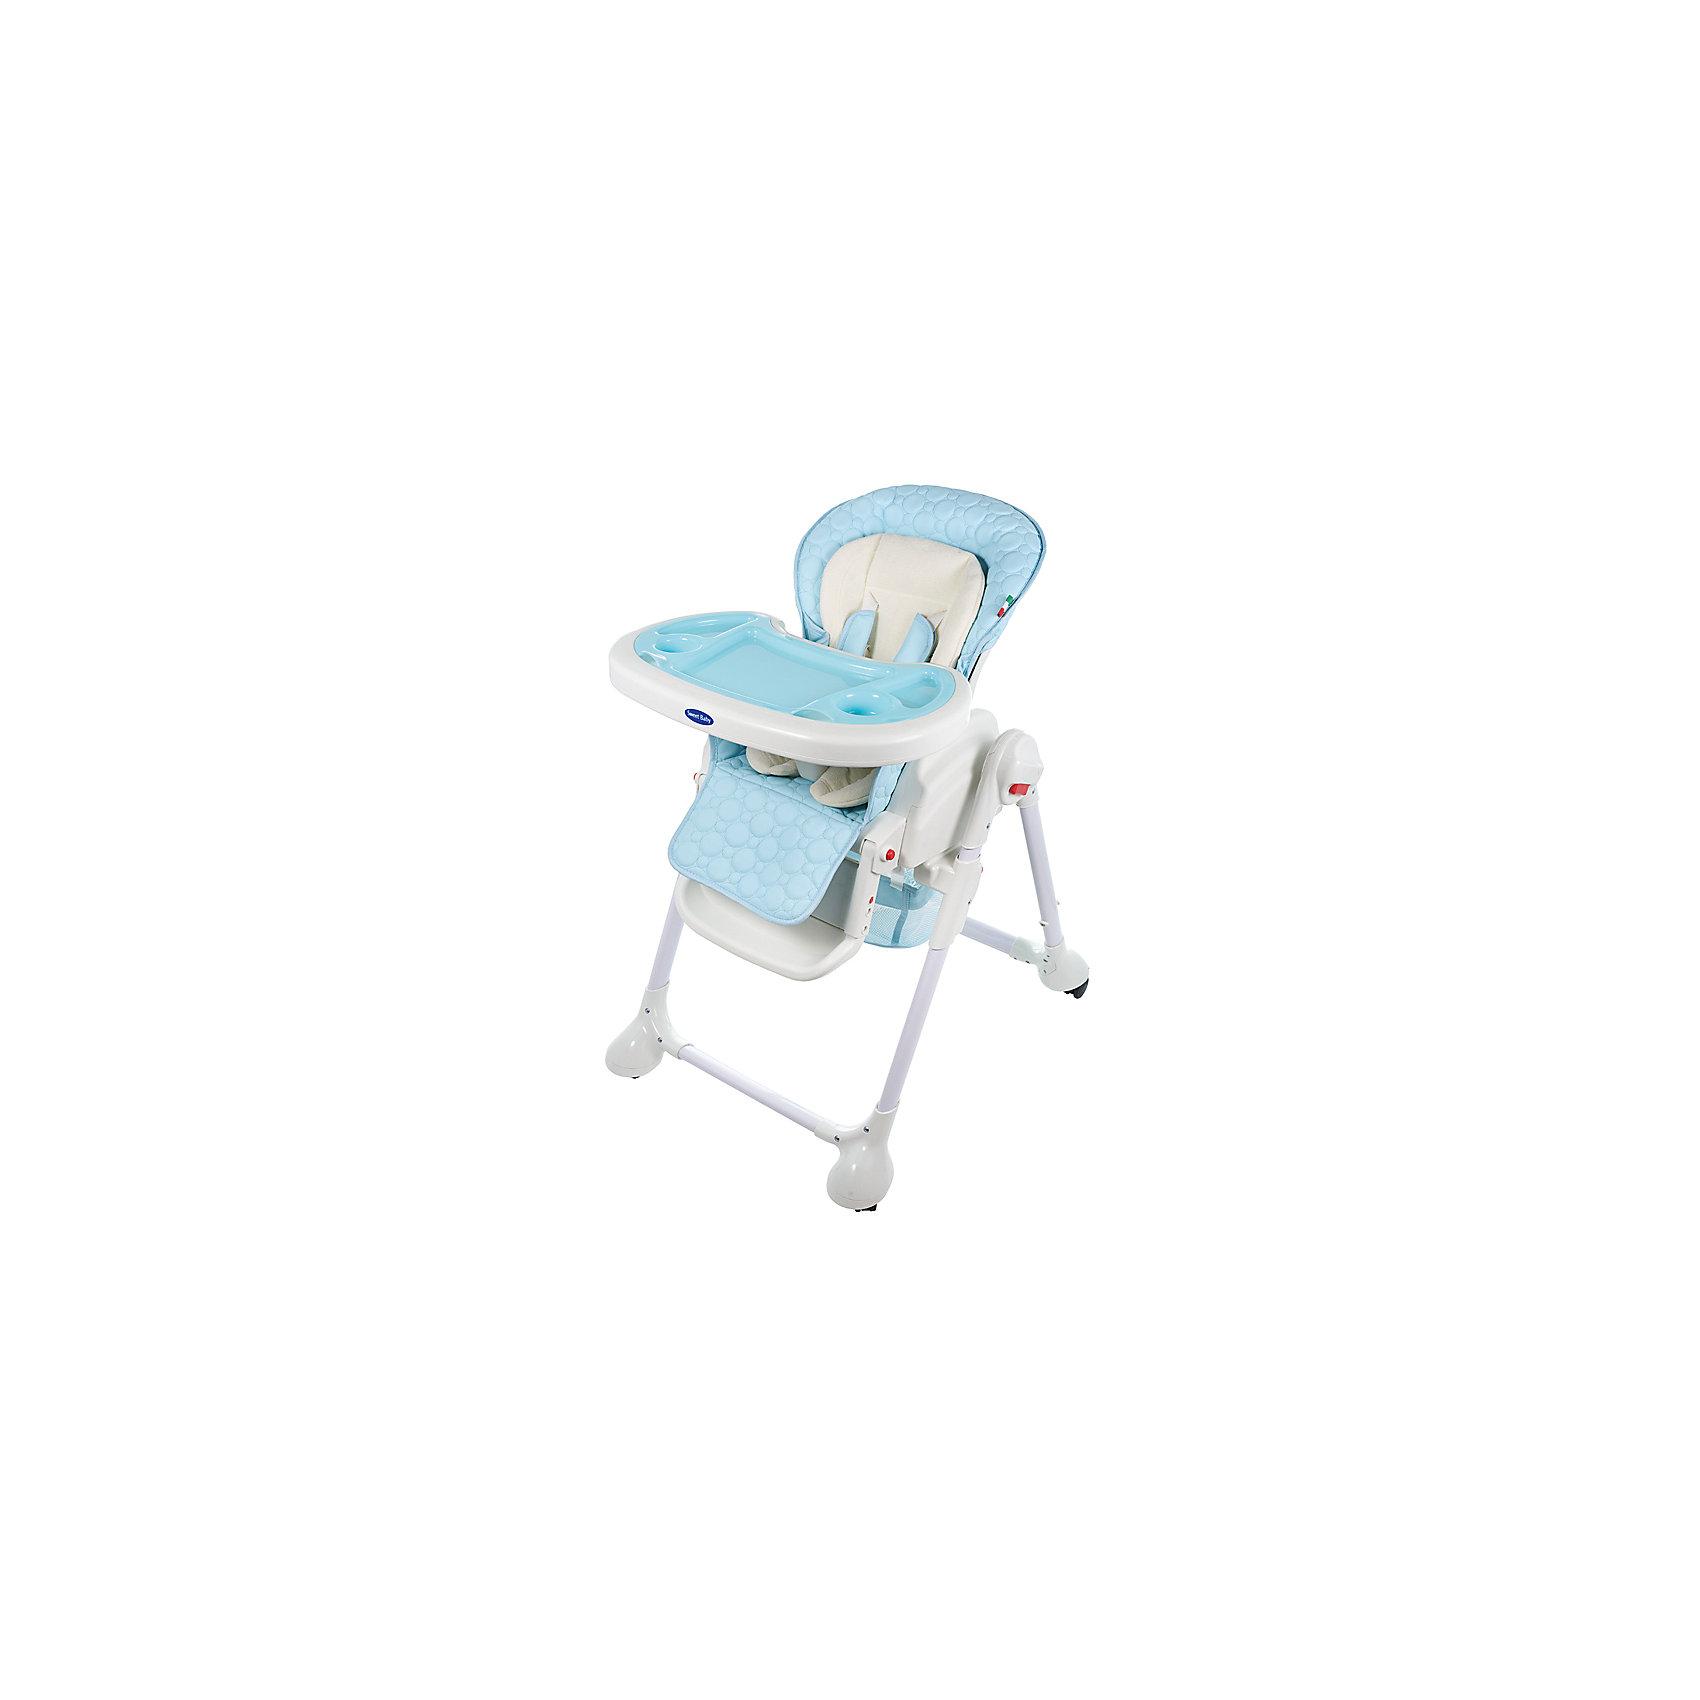 Стульчик для кормления Luxor Classic, Sweet Baby, Bluот рождения<br>Характеристика товара:<br><br>• цвет: Blu (голубой)<br>• используется в качестве стульчика для кормления или шезлонга для сна<br>• наклон спинки регулируется, устанавливается в горизонтальное положение<br>• регулируемая по высоте спинка (5 уровней)<br>• угол наклона спинки регулируется (3 положения)<br>• регулируемая длина подножки (3 уровня)<br>• чехол из экокожи<br>• вкладыш из мягкой гипоаллергенной ткани, который легко снимается<br>• сетчато-текстильная корзина для аксессуаров<br>• 5-точечные ремни безопасности с надежным замком и мягкими накладками<br>• 3 позиции глубины и высоты подноса<br>• съемная верхняя накладка на поднос и 2 углубления для посуды<br>• 4 колеса со стоперами<br>• компактные размеры и устойчивость в сложенном виде<br>• возраст: от 0 месяцев<br>• материал рамы: металл, пластик<br>• страна производства: Китай<br>• вес: 15 кг<br>• размер упаковки: 91х30х65 см<br><br>Стульчик для кормления Sweet Baby Luxor Classic с уникальной функцией –<br>ручным механизмом качания!<br><br>Компактный стульчик для кормления теперь может быть и кроваткой – Вы сможете заняться любым делом, параллельно убаюкивая своего малыша.<br><br>Стульчик легко перемещается, а это значит, что Вы сможете убаюкать крошку там, где Вам удобно.<br><br>Стульчик для кормления Luxor Classic, Sweet Baby, Blu можно купить в нашем интернет-магазине.<br><br>Ширина мм: 640<br>Глубина мм: 910<br>Высота мм: 300<br>Вес г: 17400<br>Возраст от месяцев: 0<br>Возраст до месяцев: 36<br>Пол: Унисекс<br>Возраст: Детский<br>SKU: 5583540